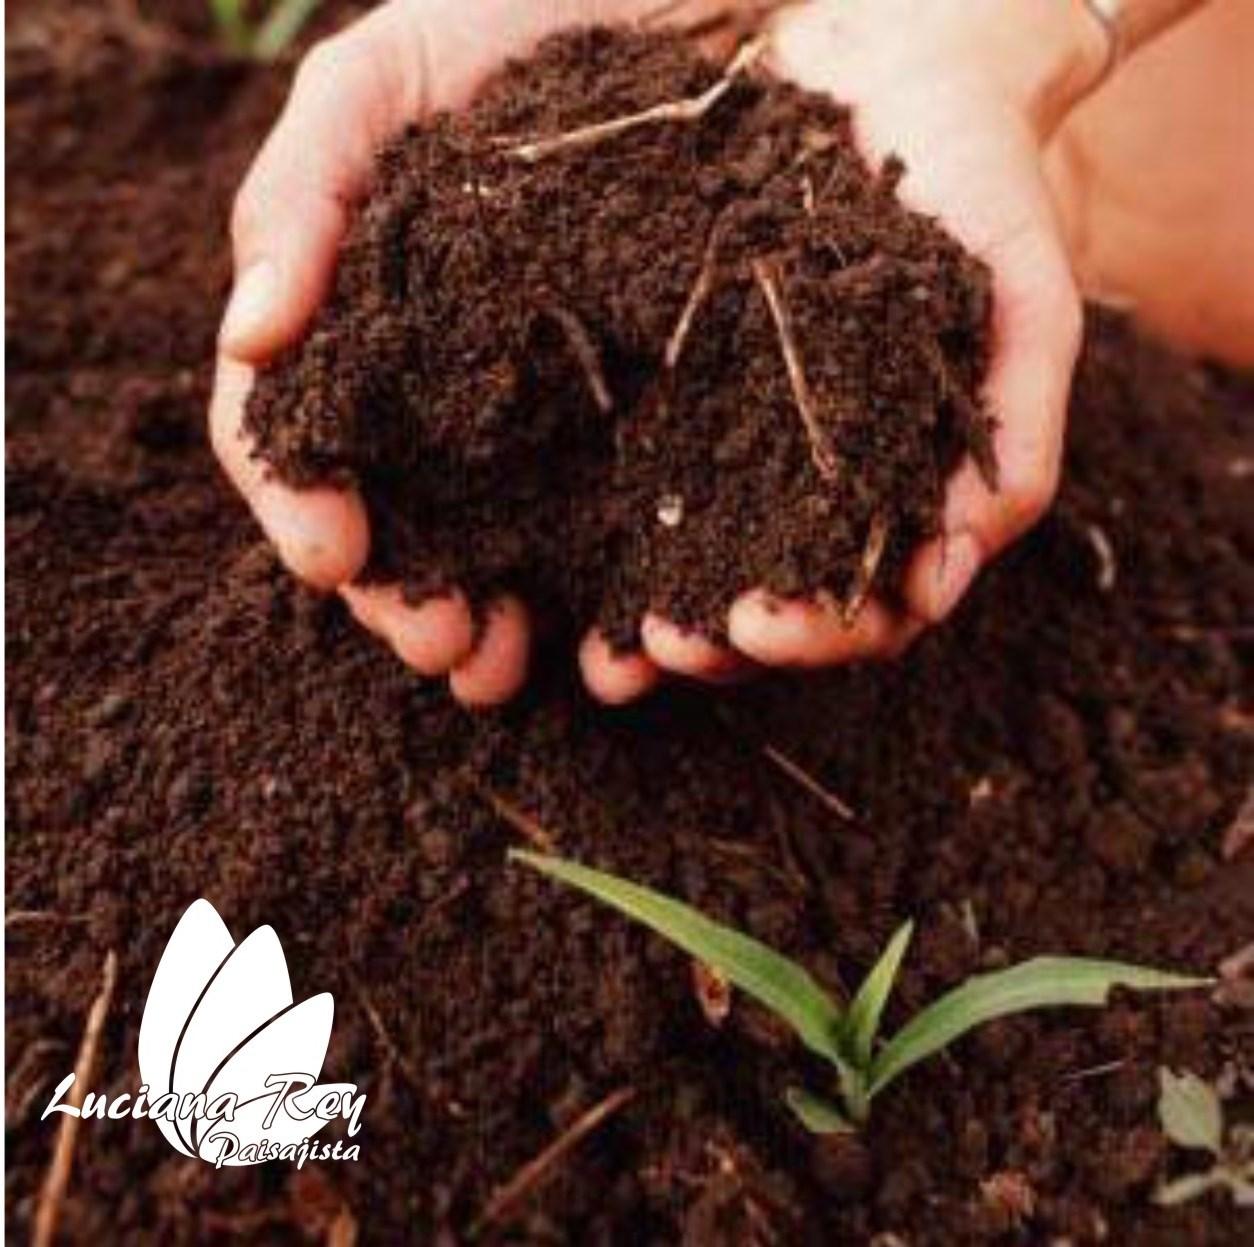 Viv tu jard n mayo 2013 - Preparacion de la tierra para sembrar ...